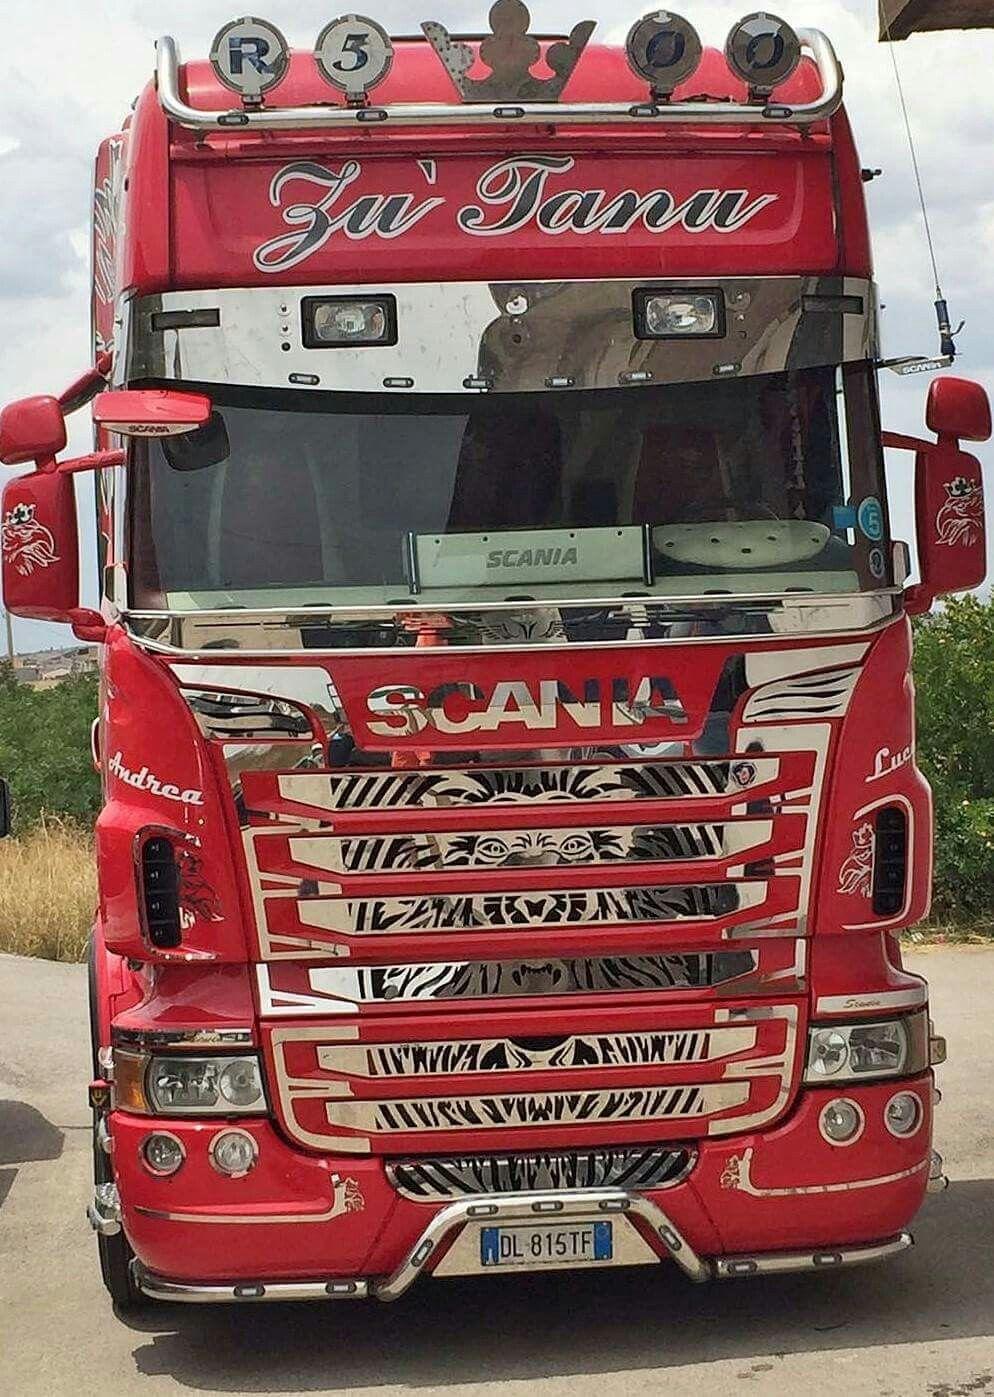 Scania Truck Trucks Lkw Camiones Sweden Scandinavian Ceskytrucker Lkws Lkw Trucks